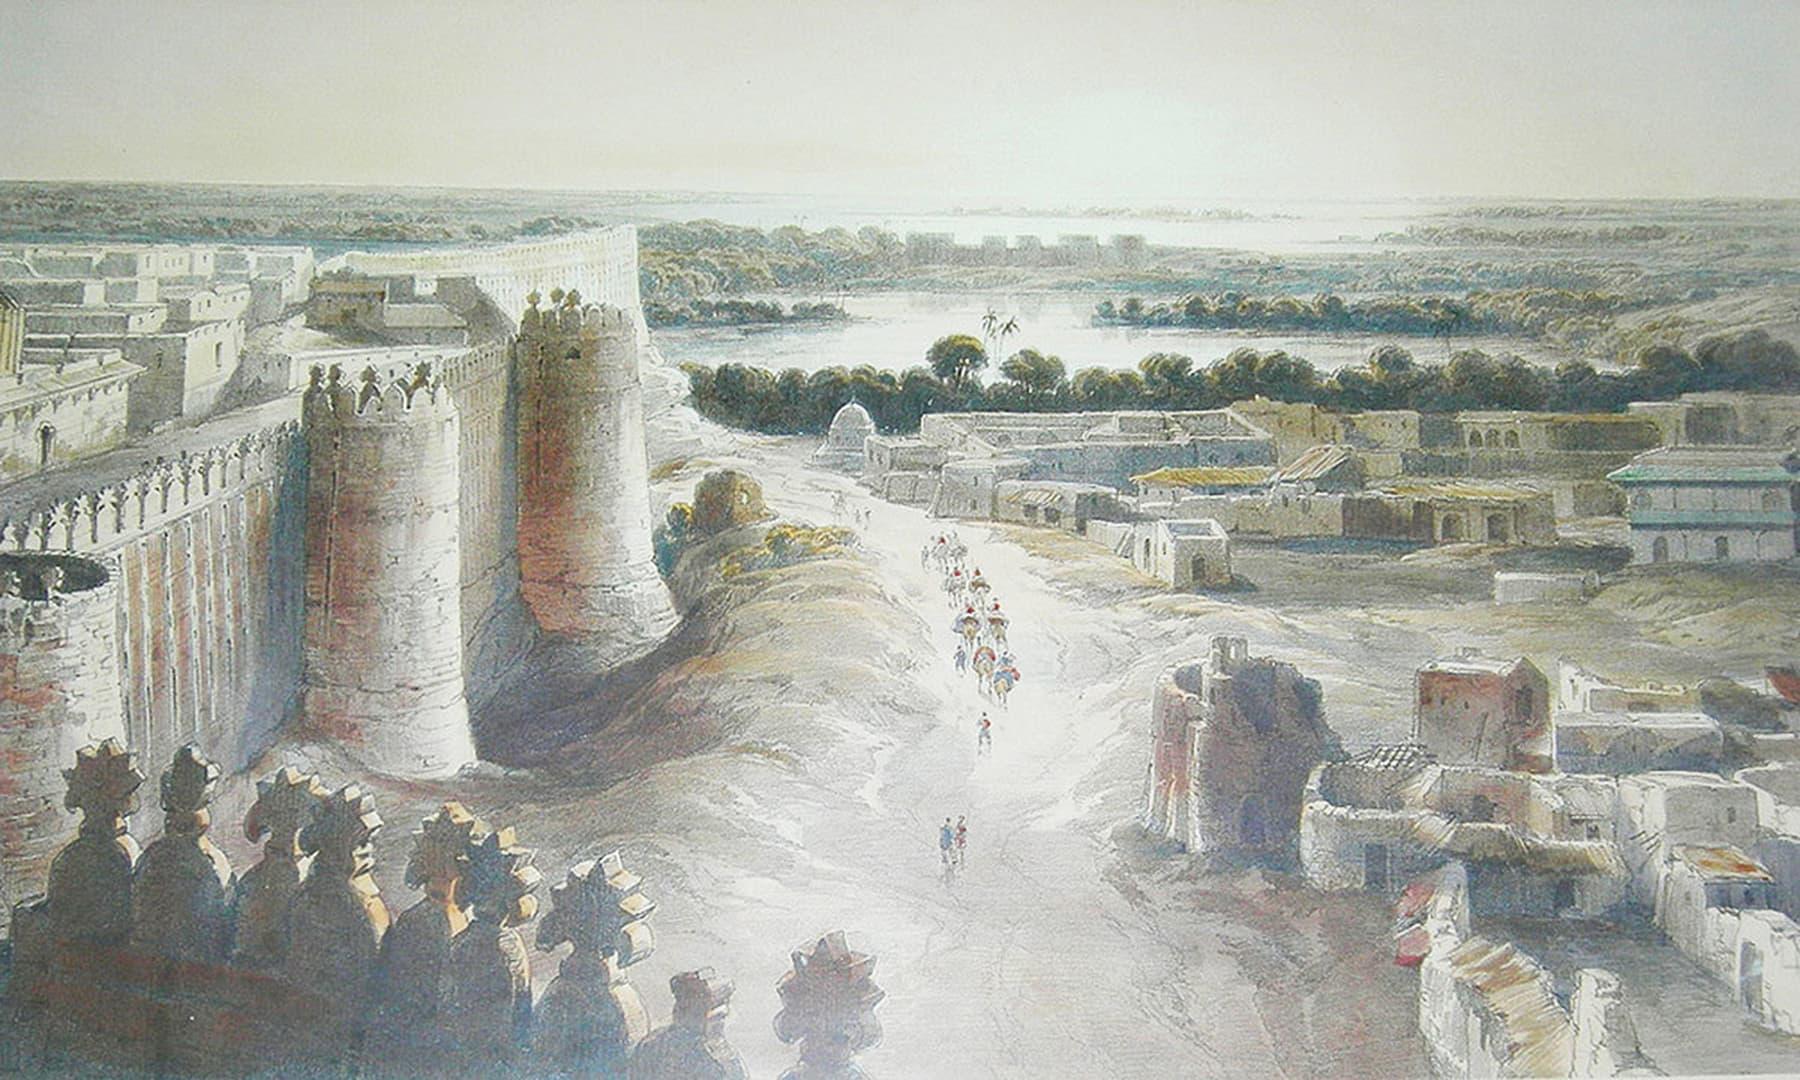 پرانے وقتوں میں شہر حیدرآباد کا ایک نظارہ